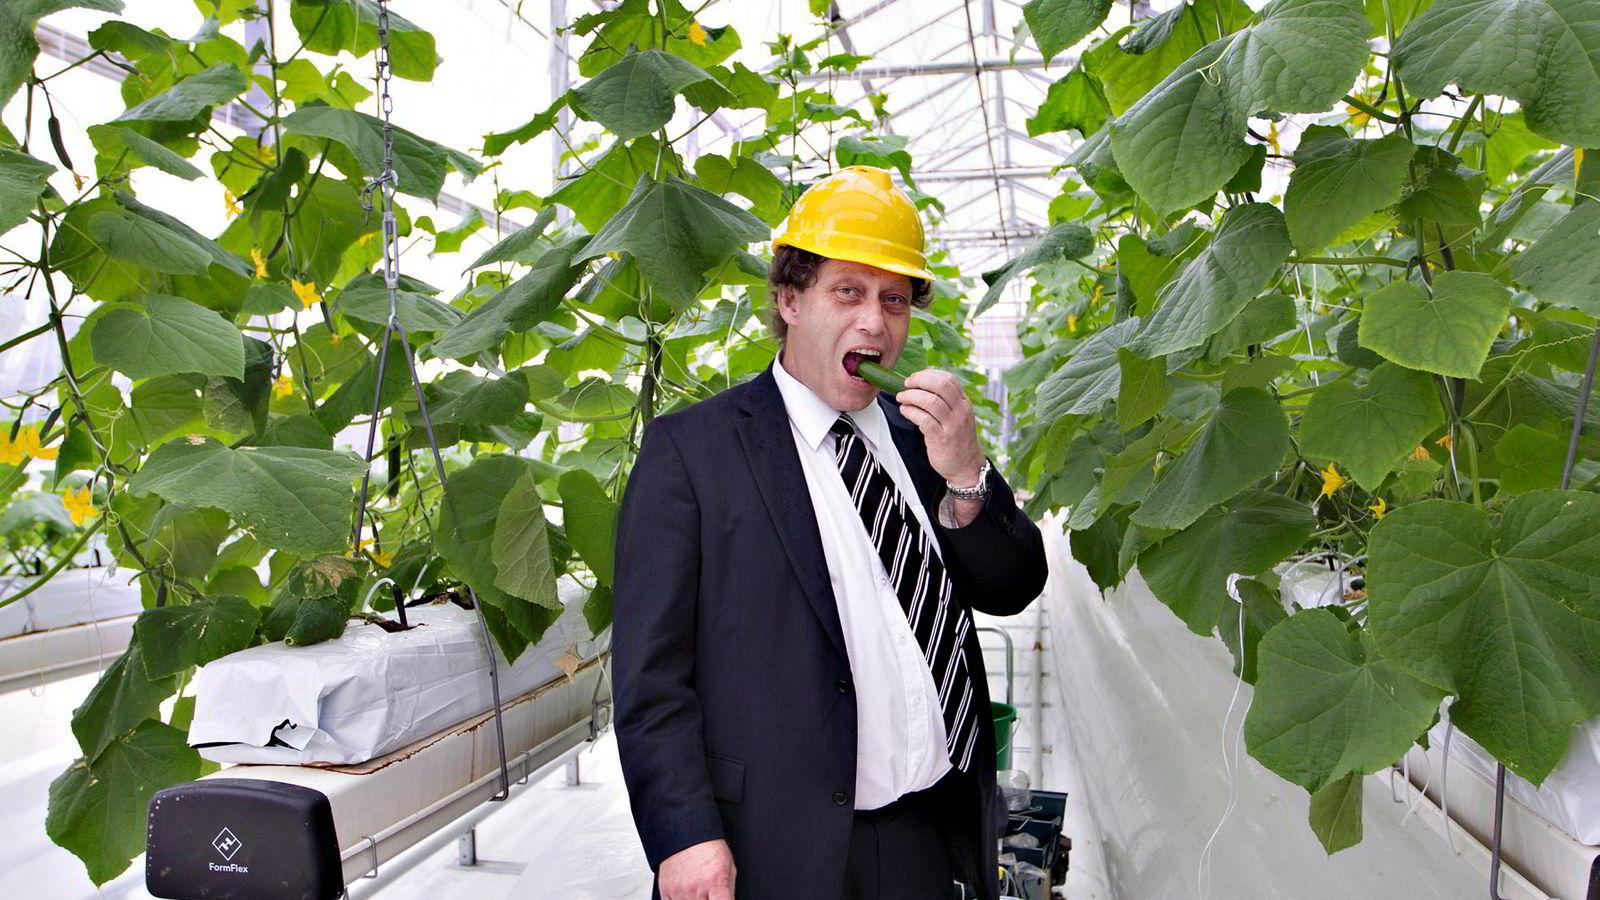 Bellona-stifter Frederic Hauge har tidligere vært på besøk i Sahara Forest Project-pilotanlegget i Qatar. Dyrking av grønnsaker som agurker har vært blant forsøkene.